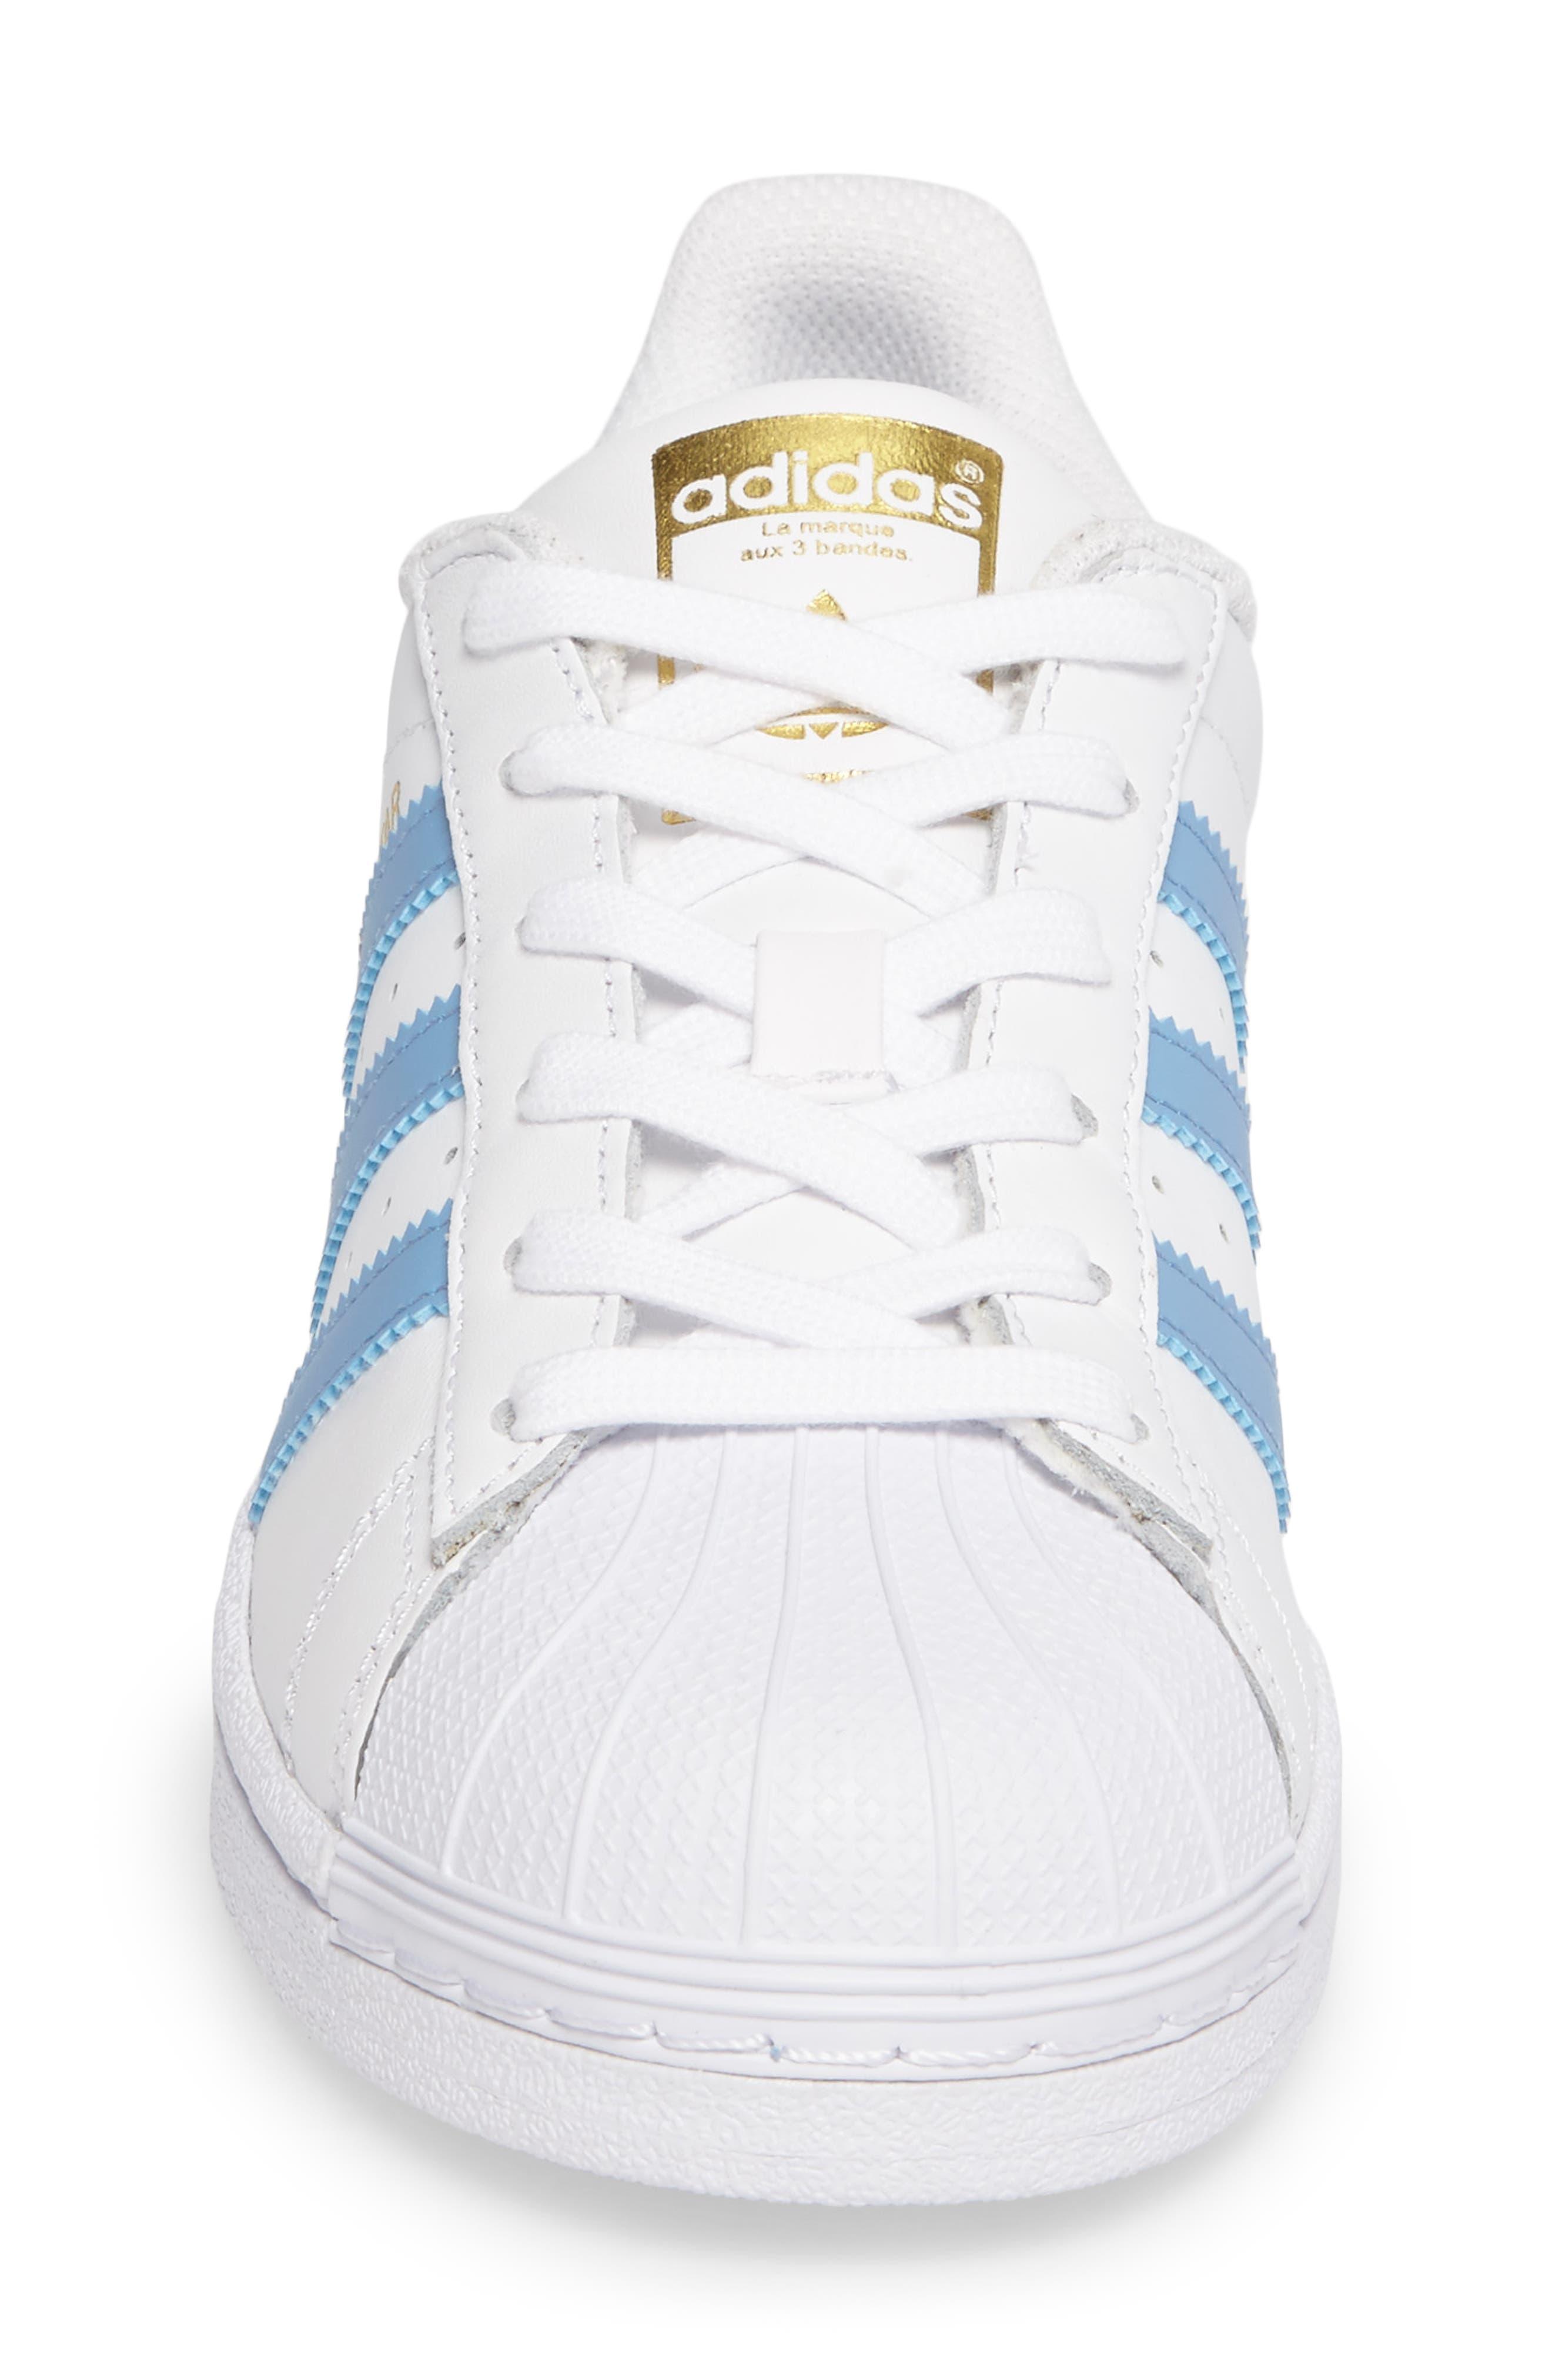 Superstar Foundation Sneaker,                             Alternate thumbnail 4, color,                             White/ Light Blue/ Gold